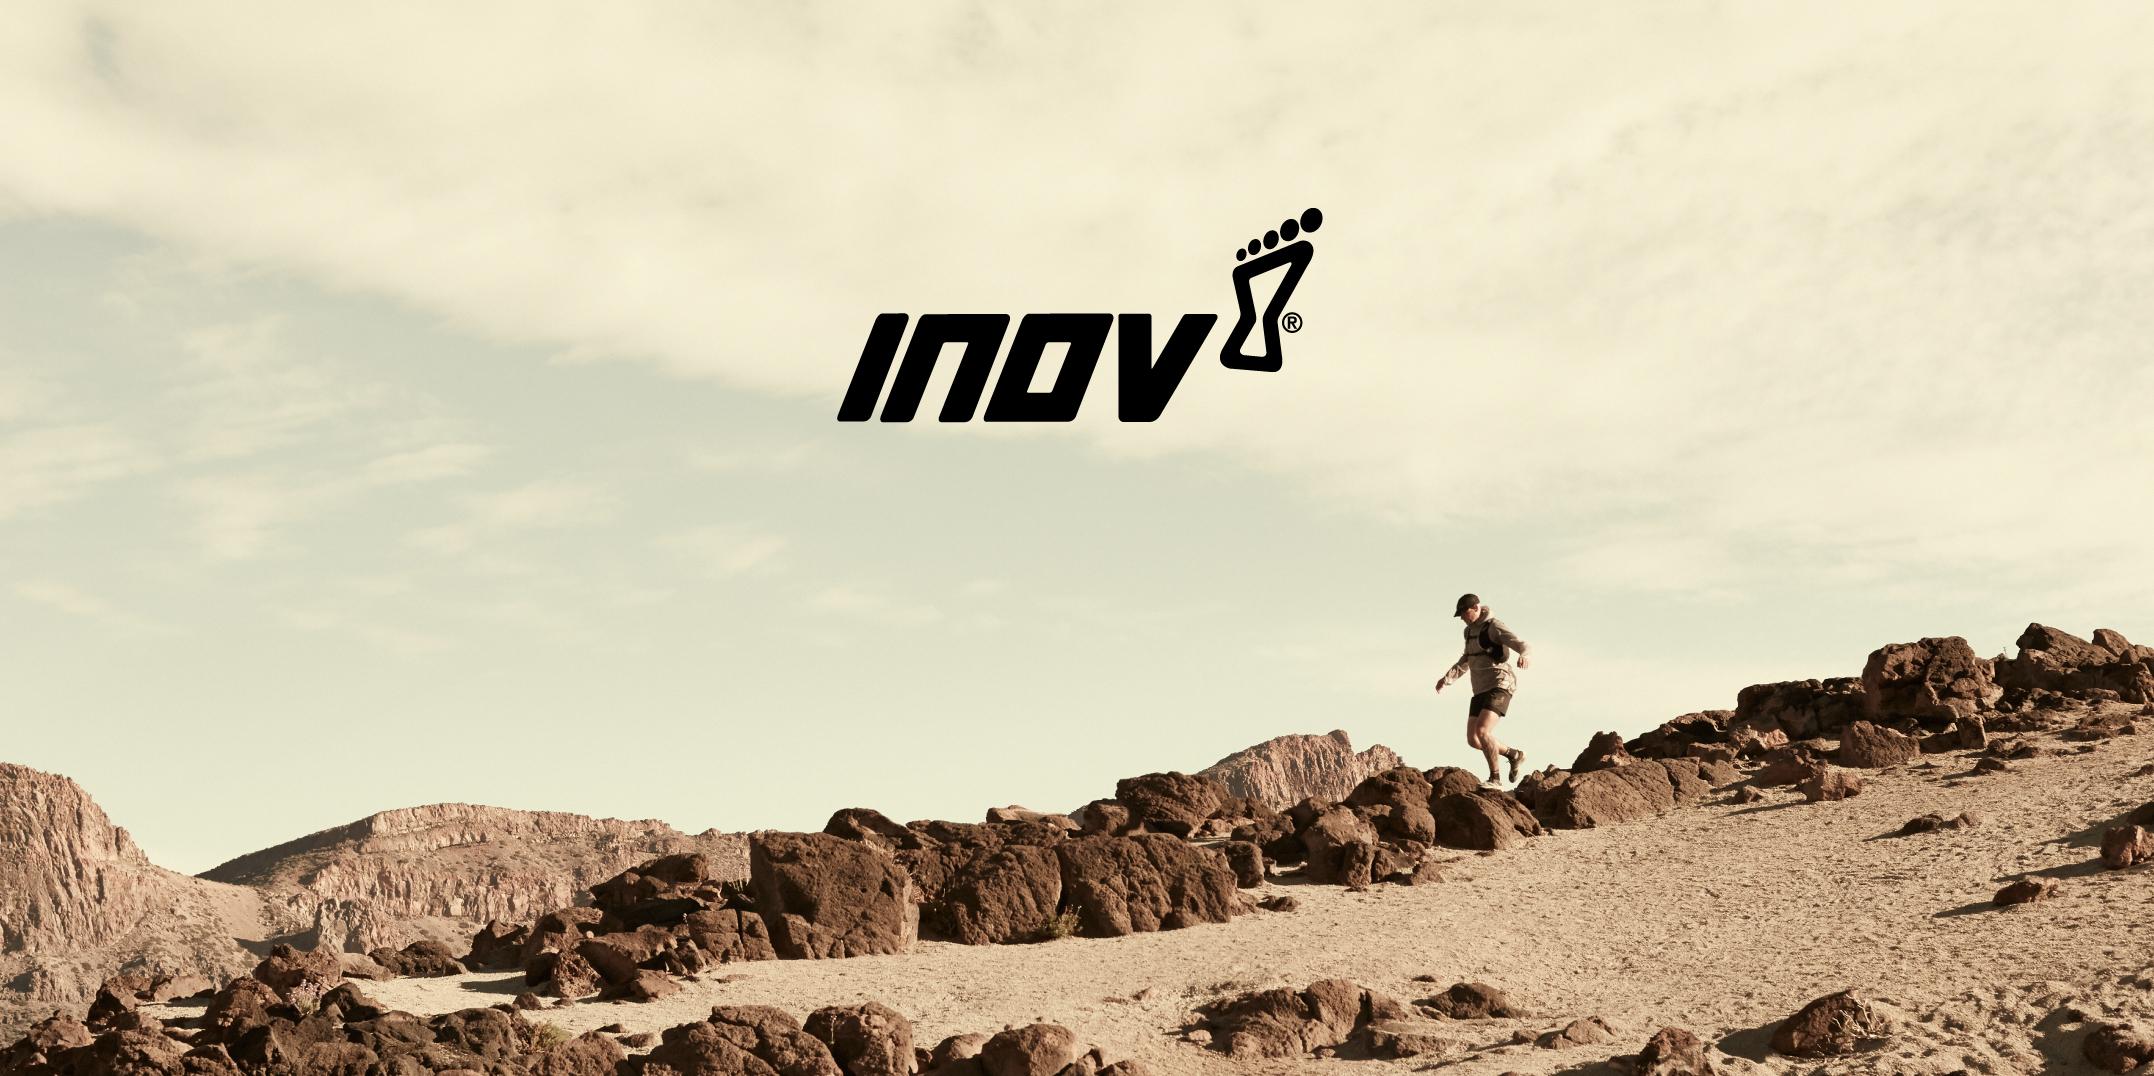 Inov-8 - Tozer Advertising